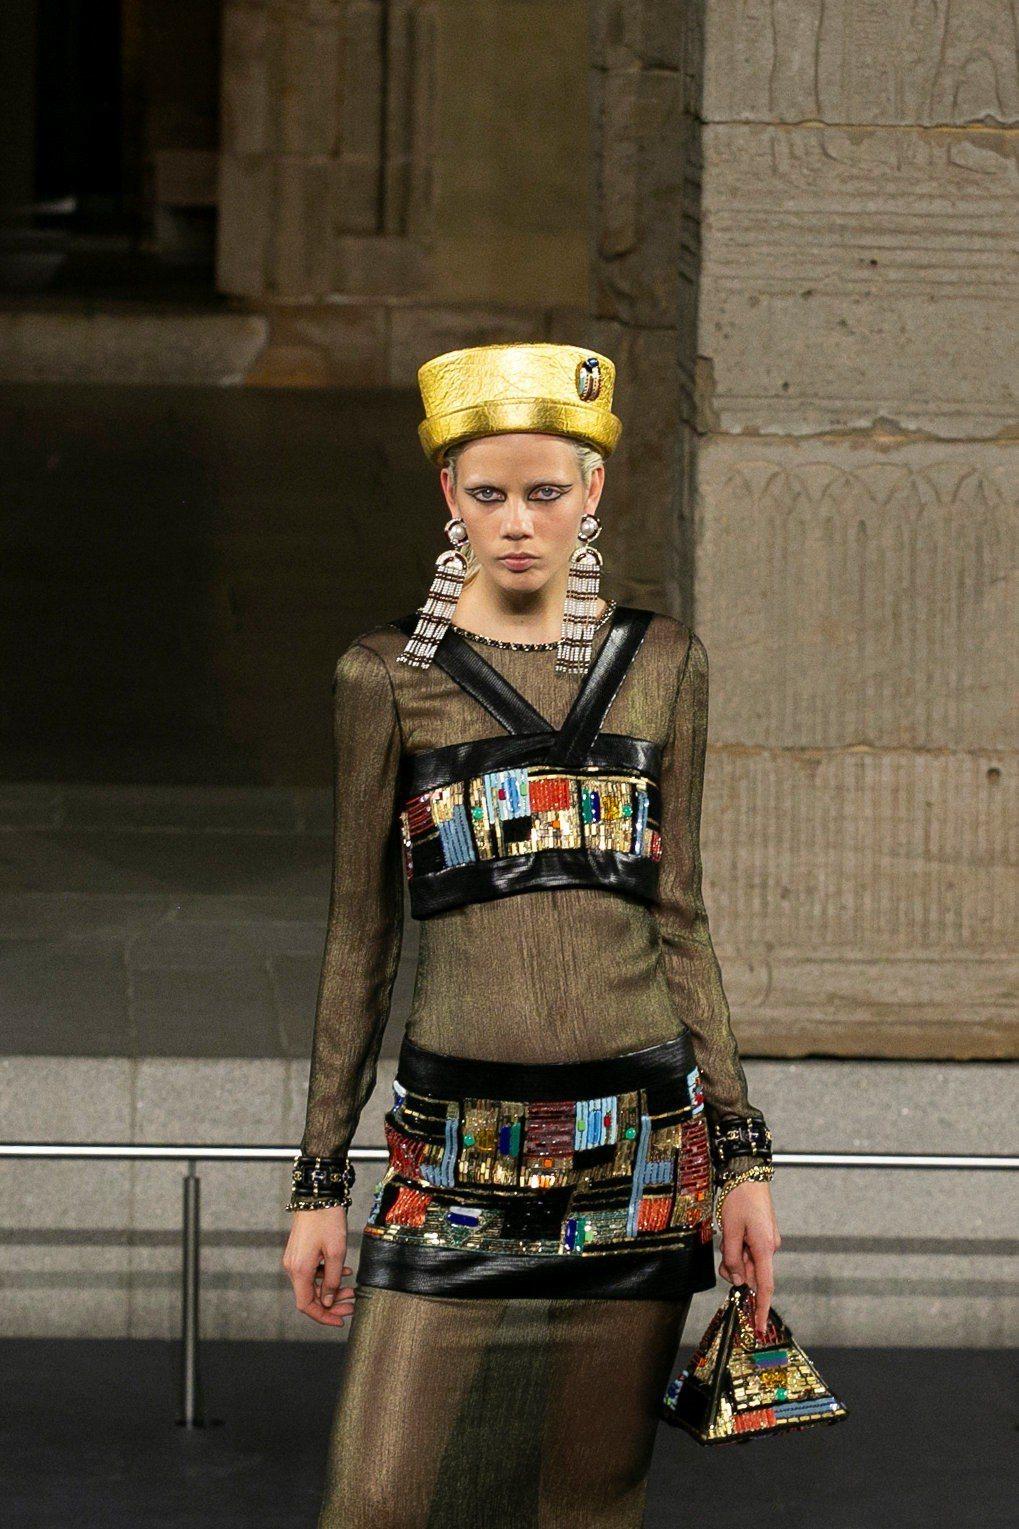 以紐約天際線為靈感的香奈兒1920年代Art Deco風格服飾珠寶也重新詮釋。(...